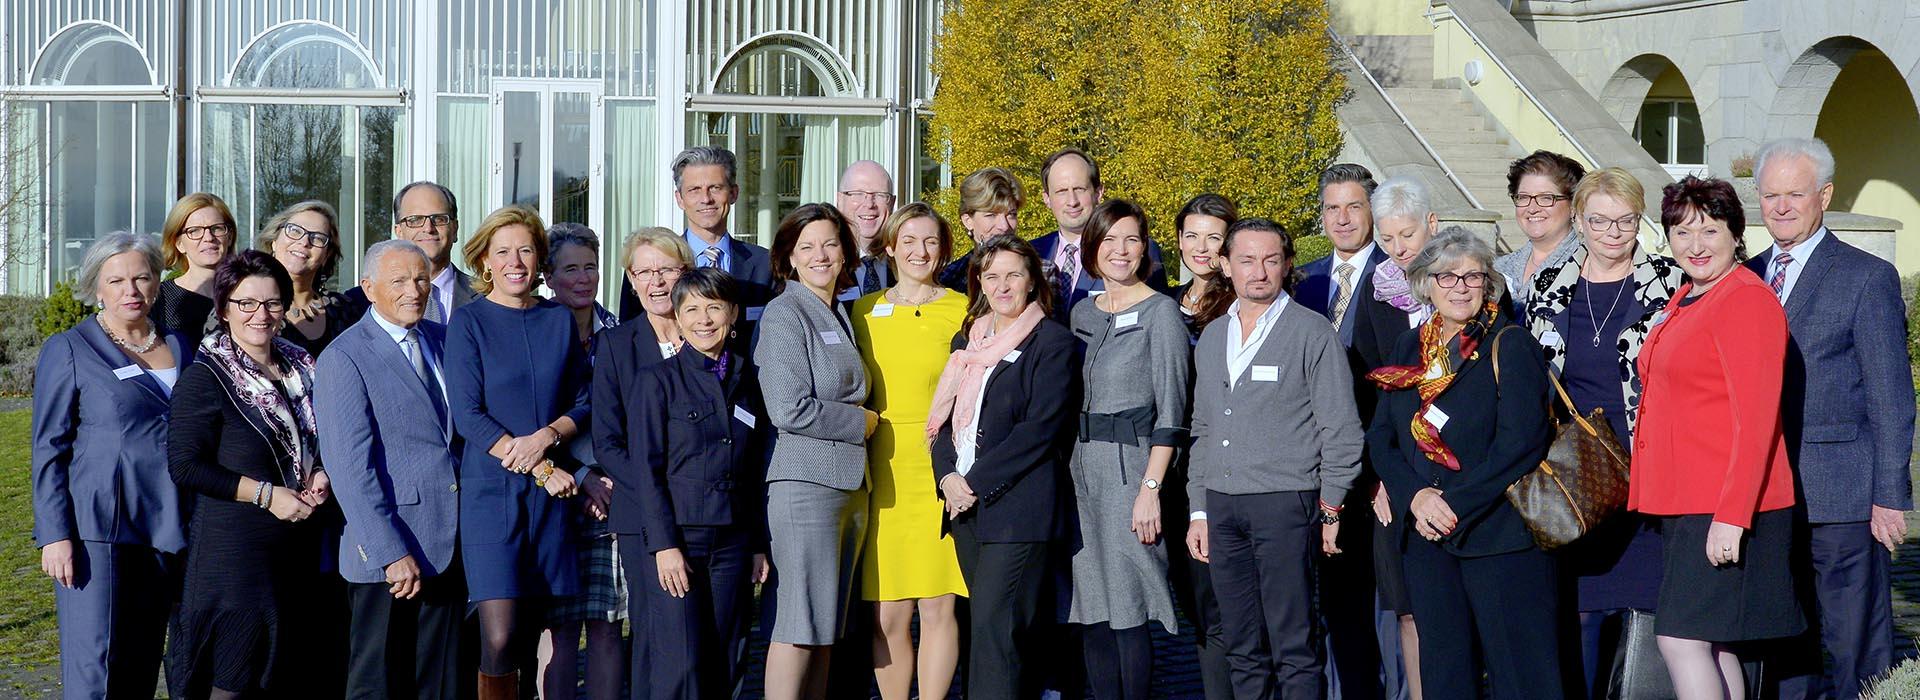 Einladung zum Gipfeltreffen des Deutschen Knigge-Rats